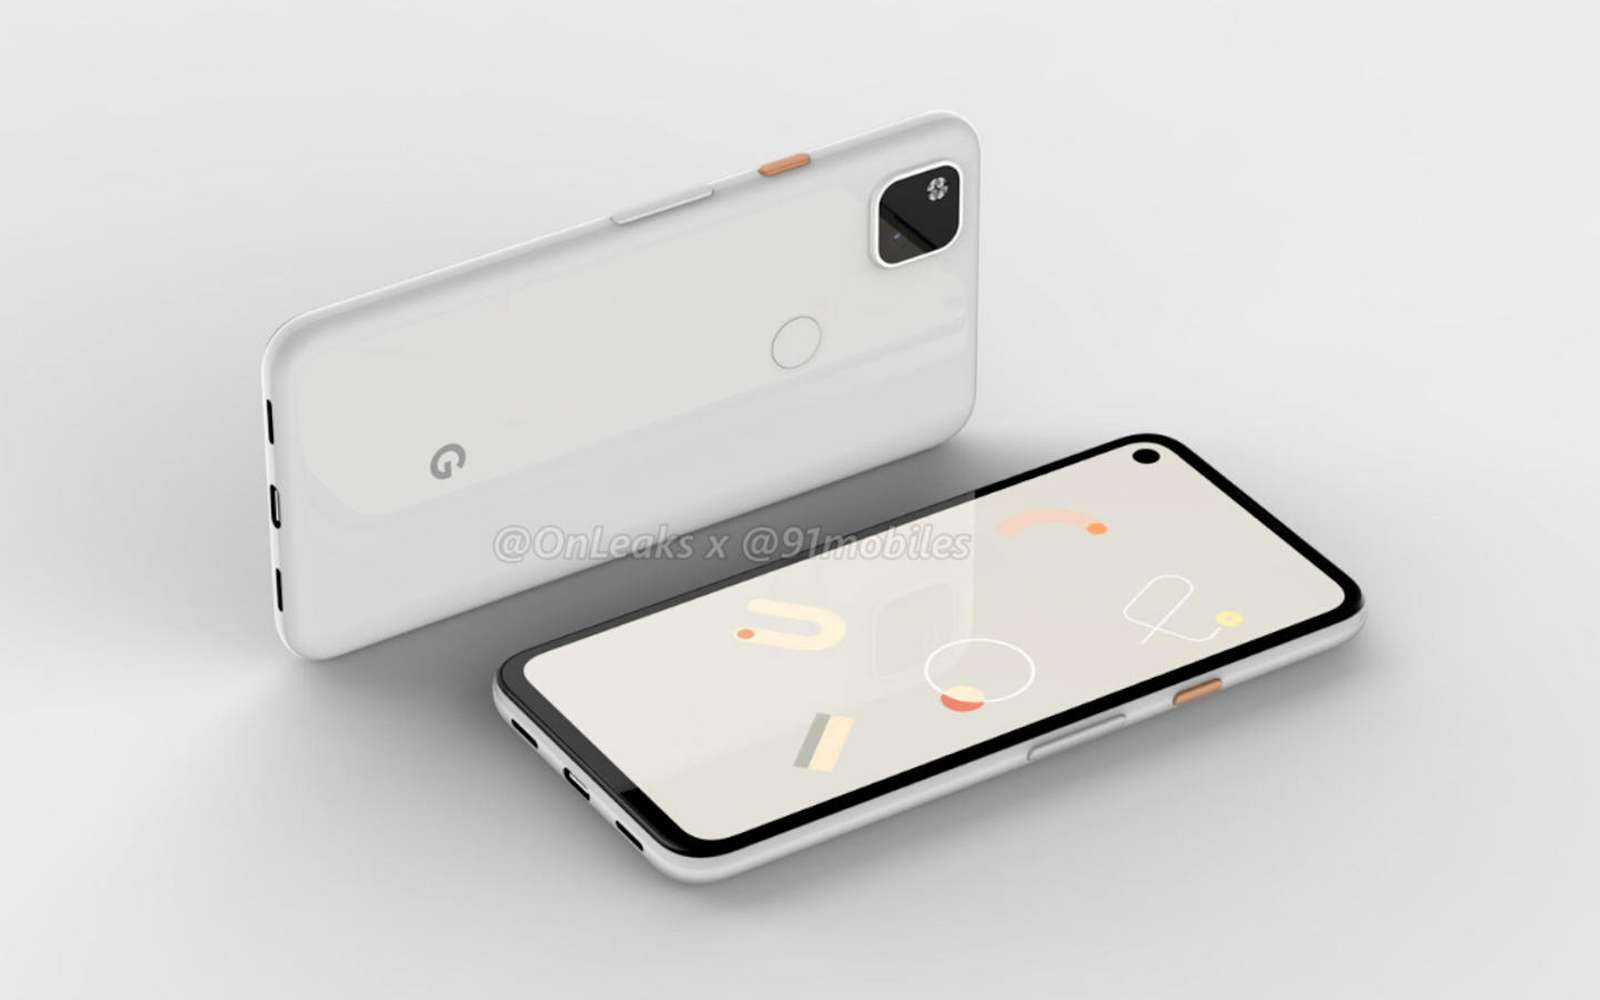 Le Google Pixel 4a est très minimaliste et c'est clairement un smartphone d'entrée de gamme. © Onleaks